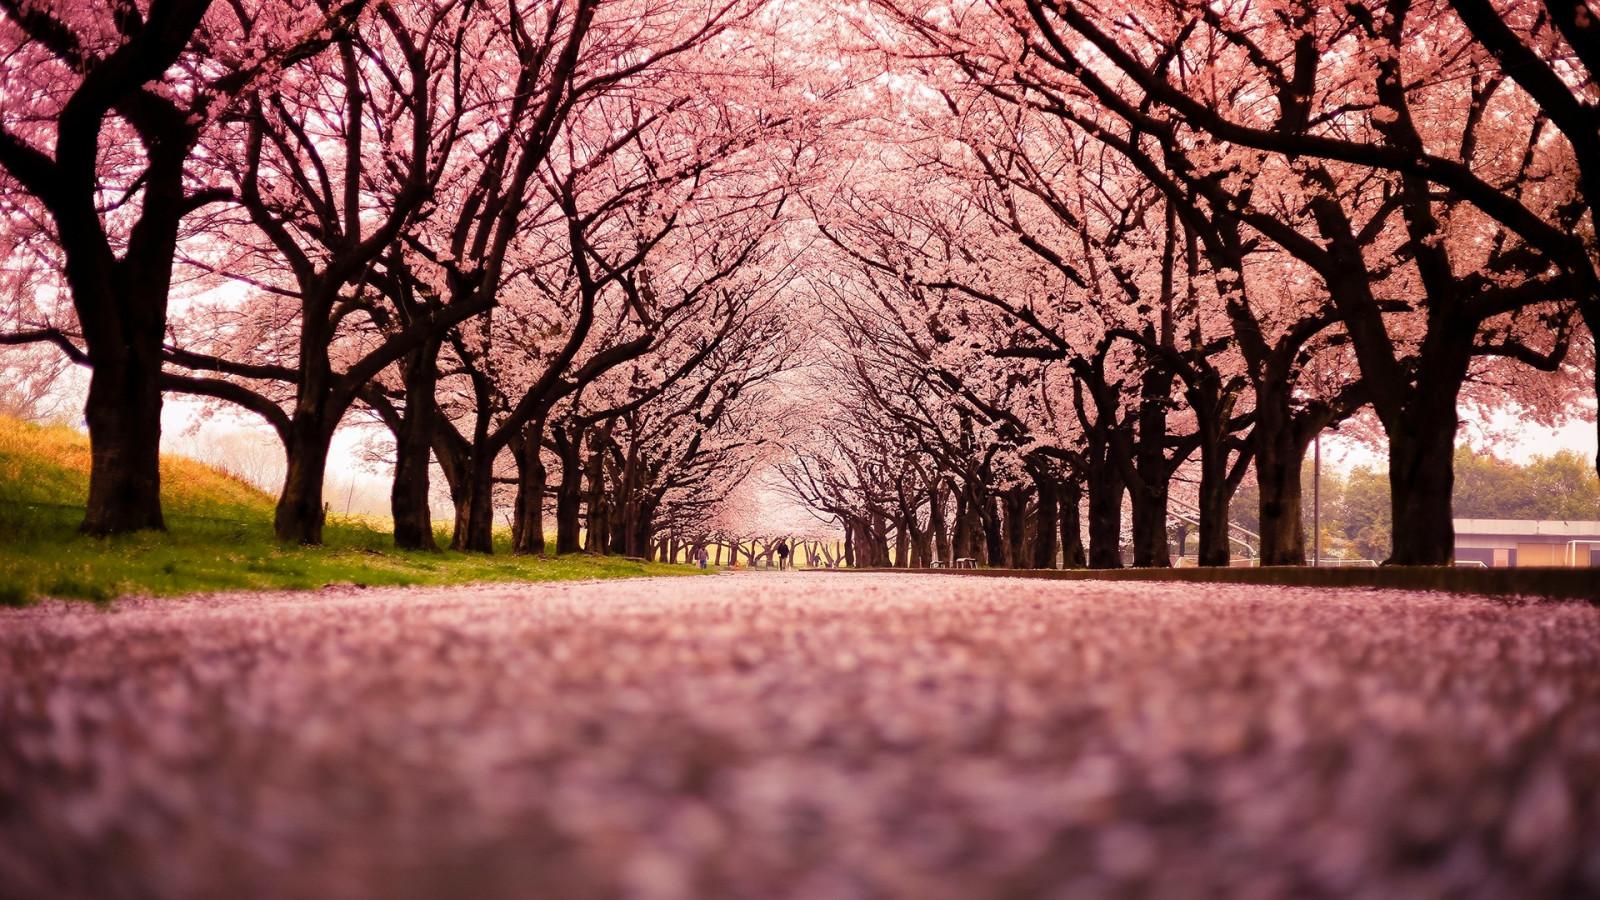 Fond d 39 cran lumi re du soleil des arbres paysage le coucher du soleil la nature branche - Arbre de l avocat ...